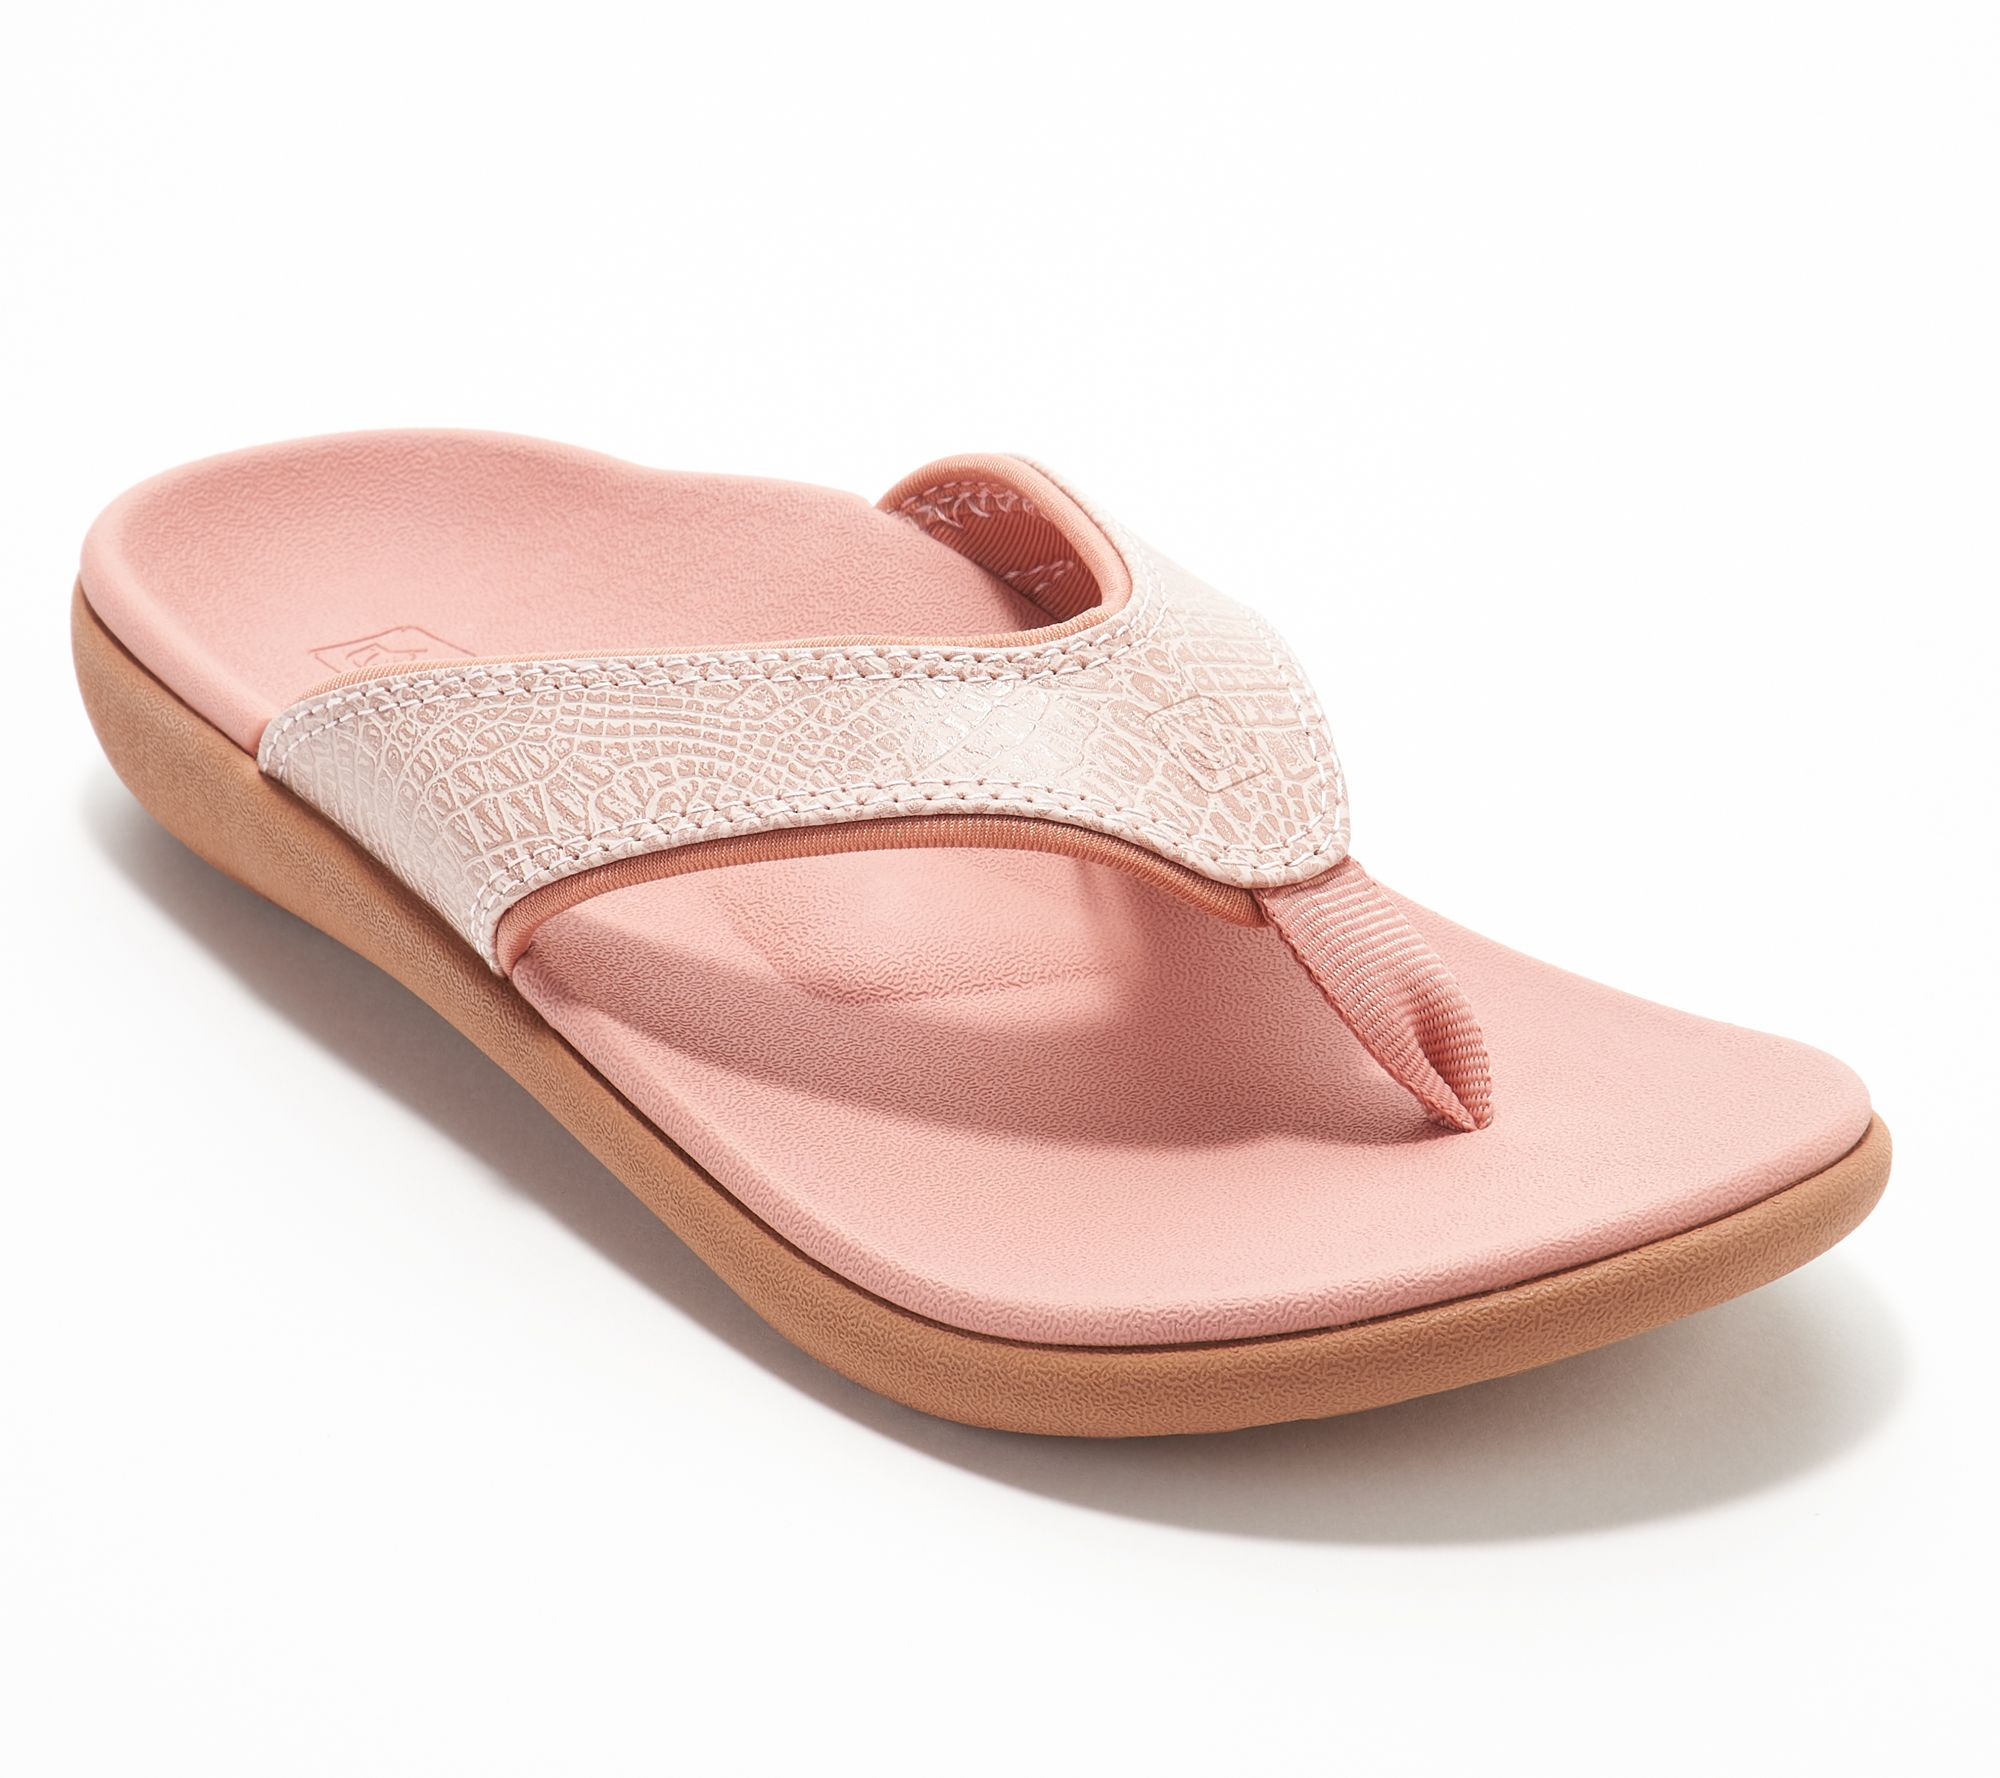 0522e7e95b20f7 Spenco Orthotic Thong Sandals - Yumi Croco - Page 1 — QVC.com